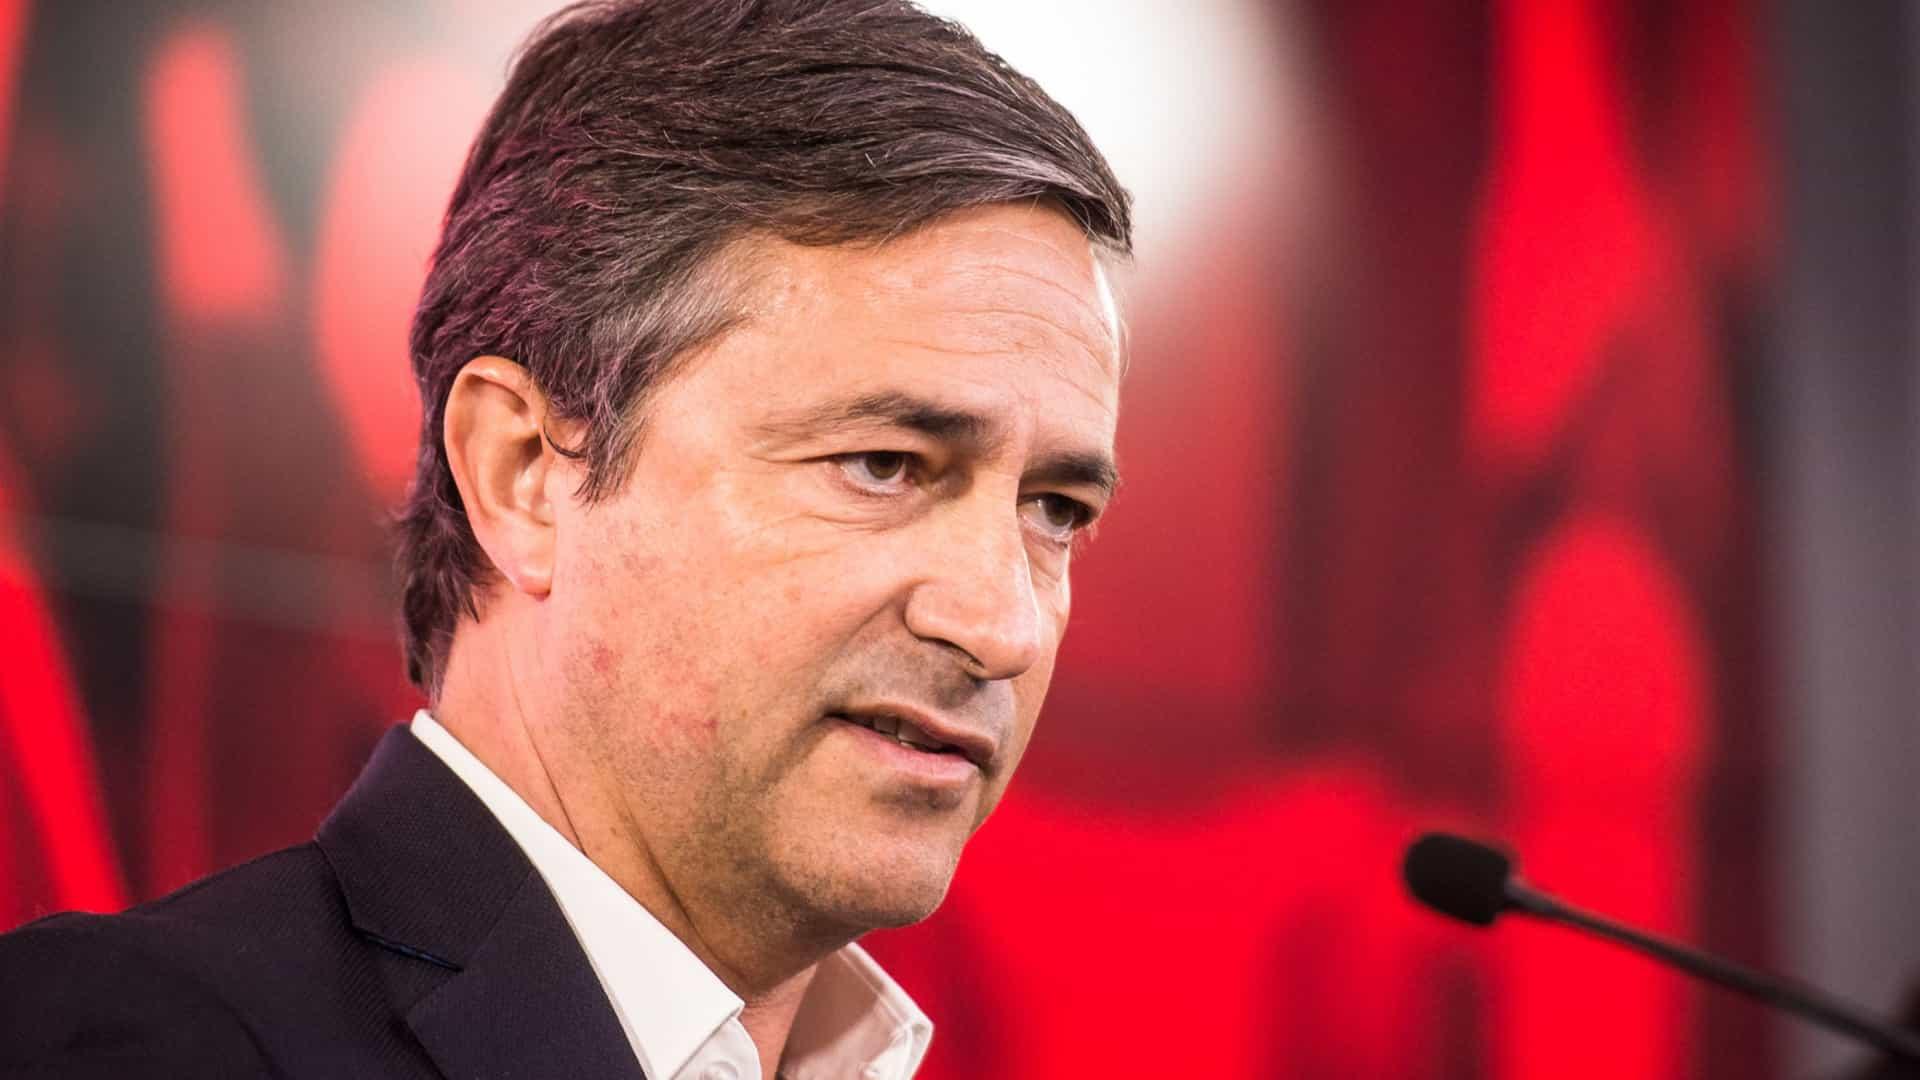 JUSTIÇA: Melchior Moreira, ex-presidente do Turismo do Norte, acusado de corrupção